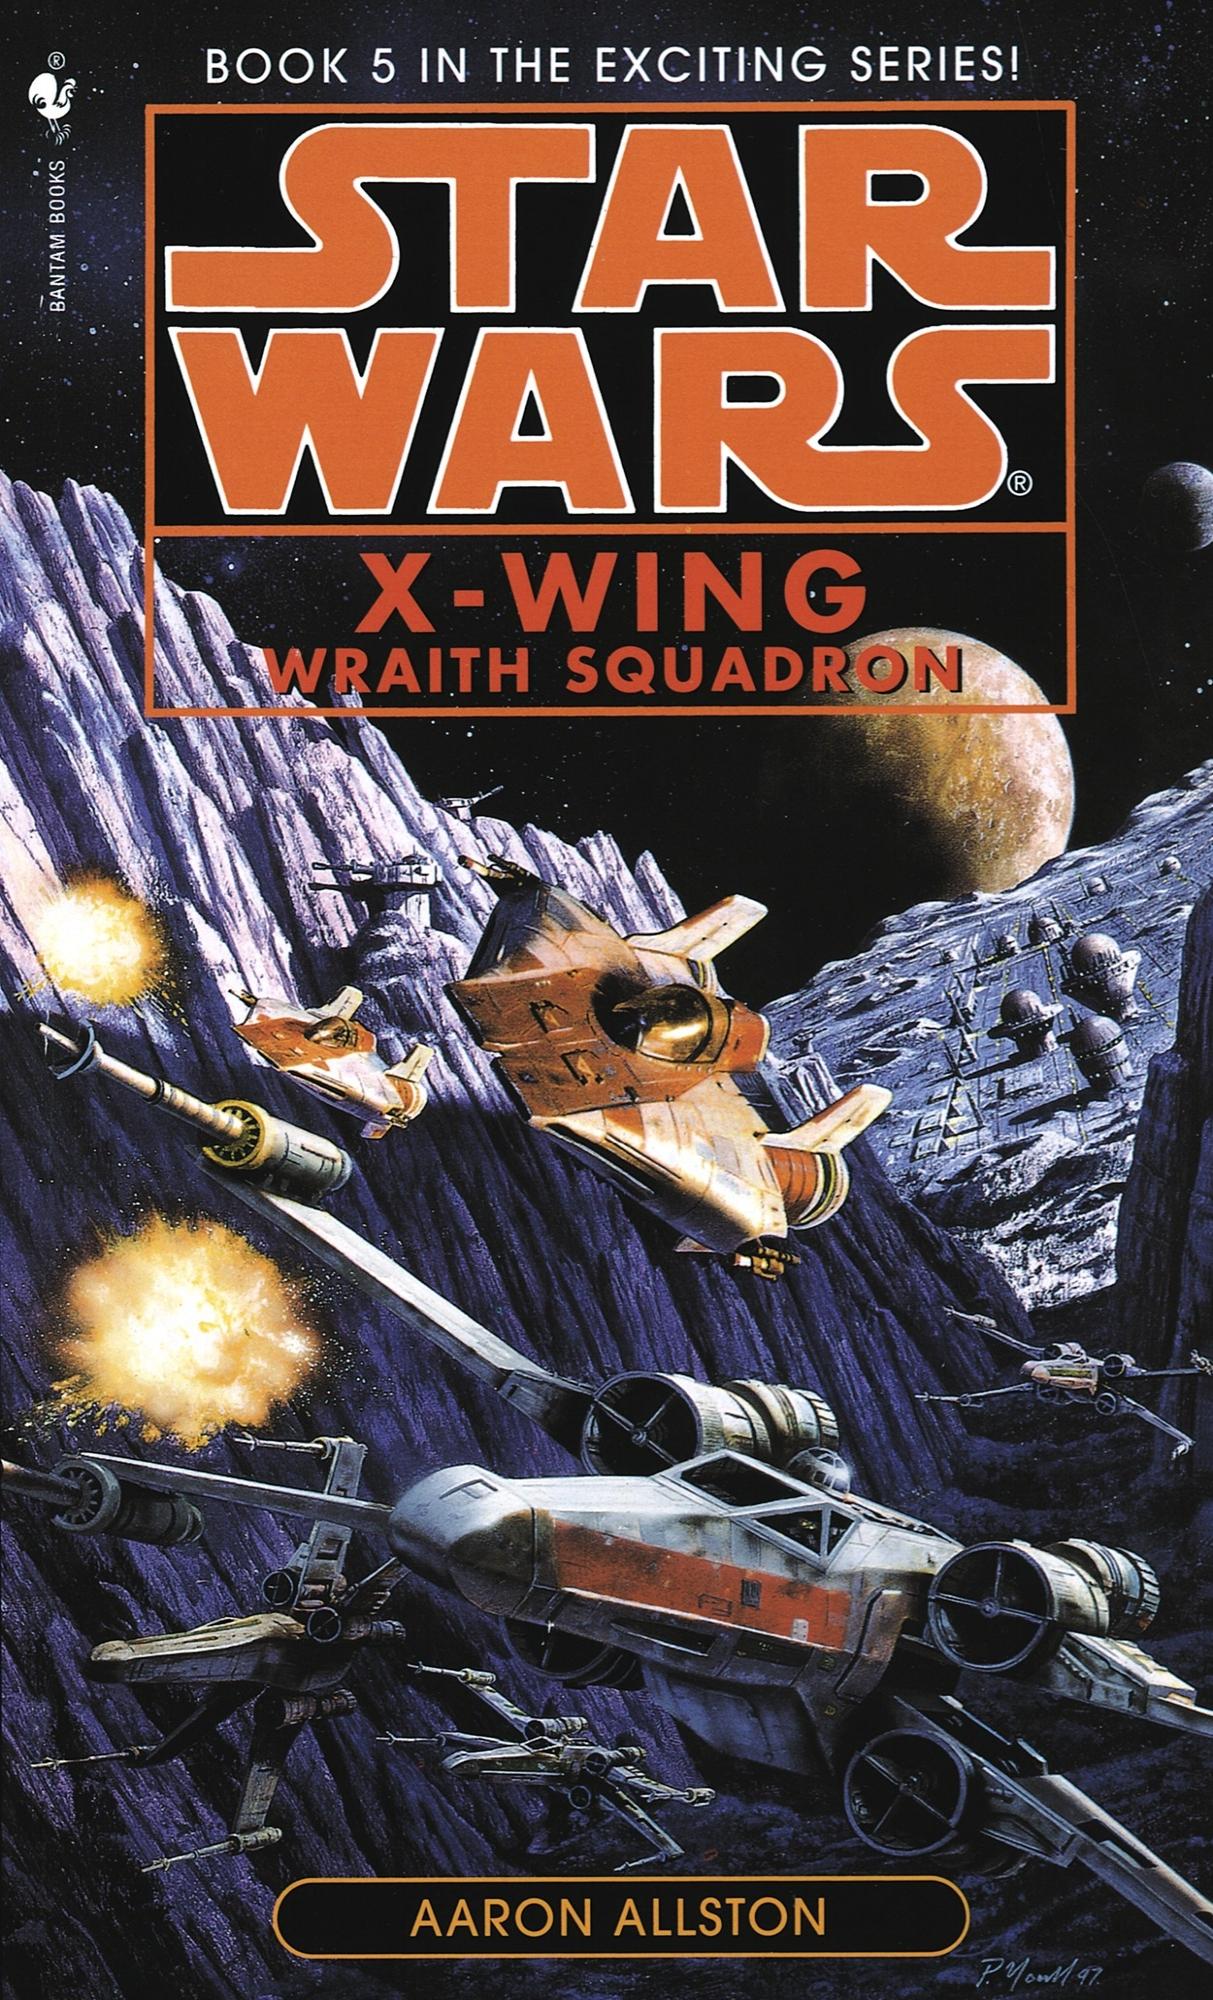 PART 15     Wraith Squadron  (1998)  by Aaron Allston